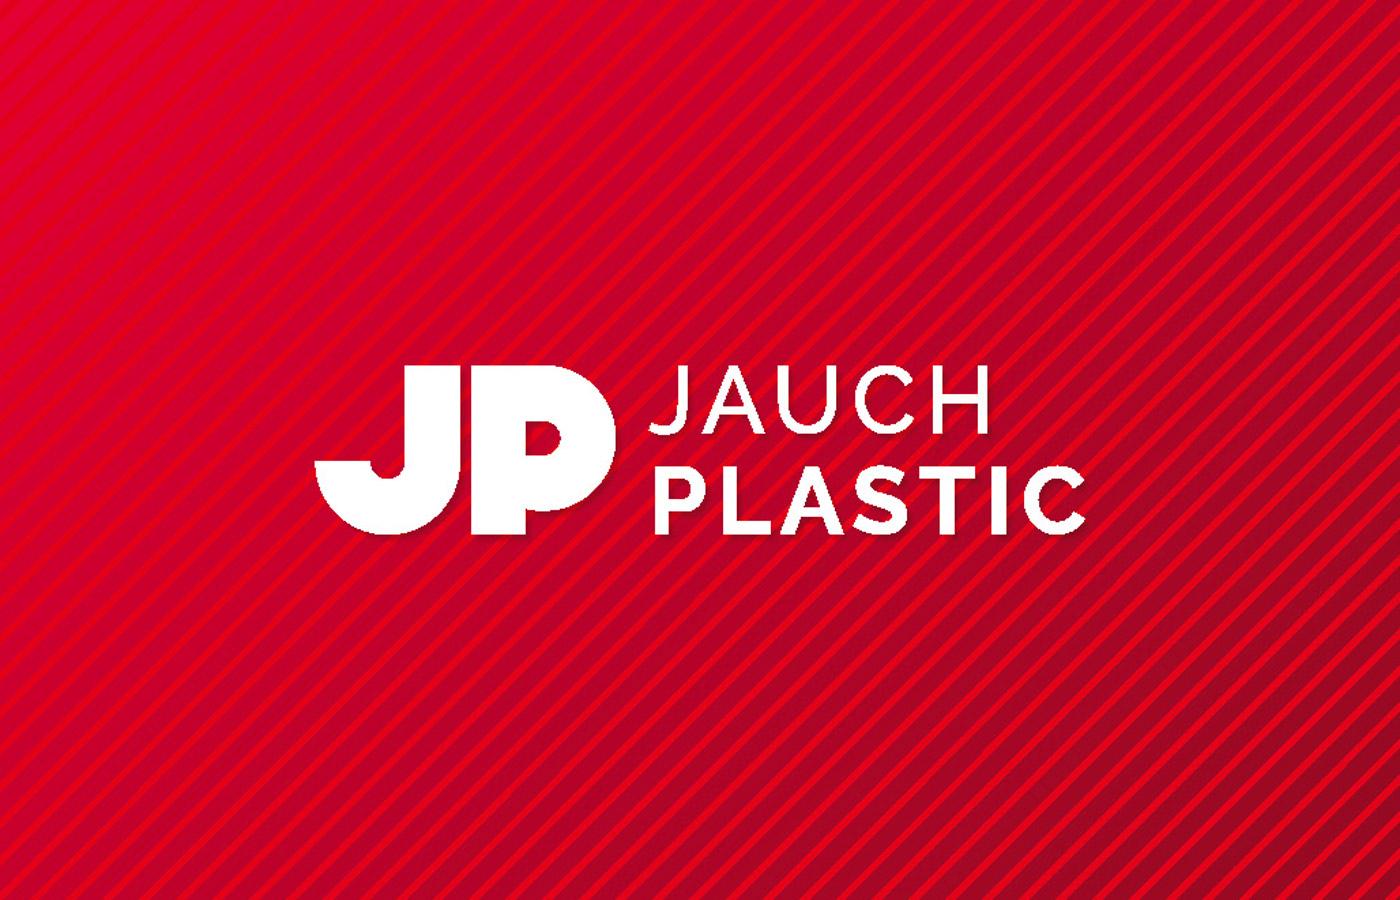 Jauch Plastic-Logo auf rotem Hintergrund